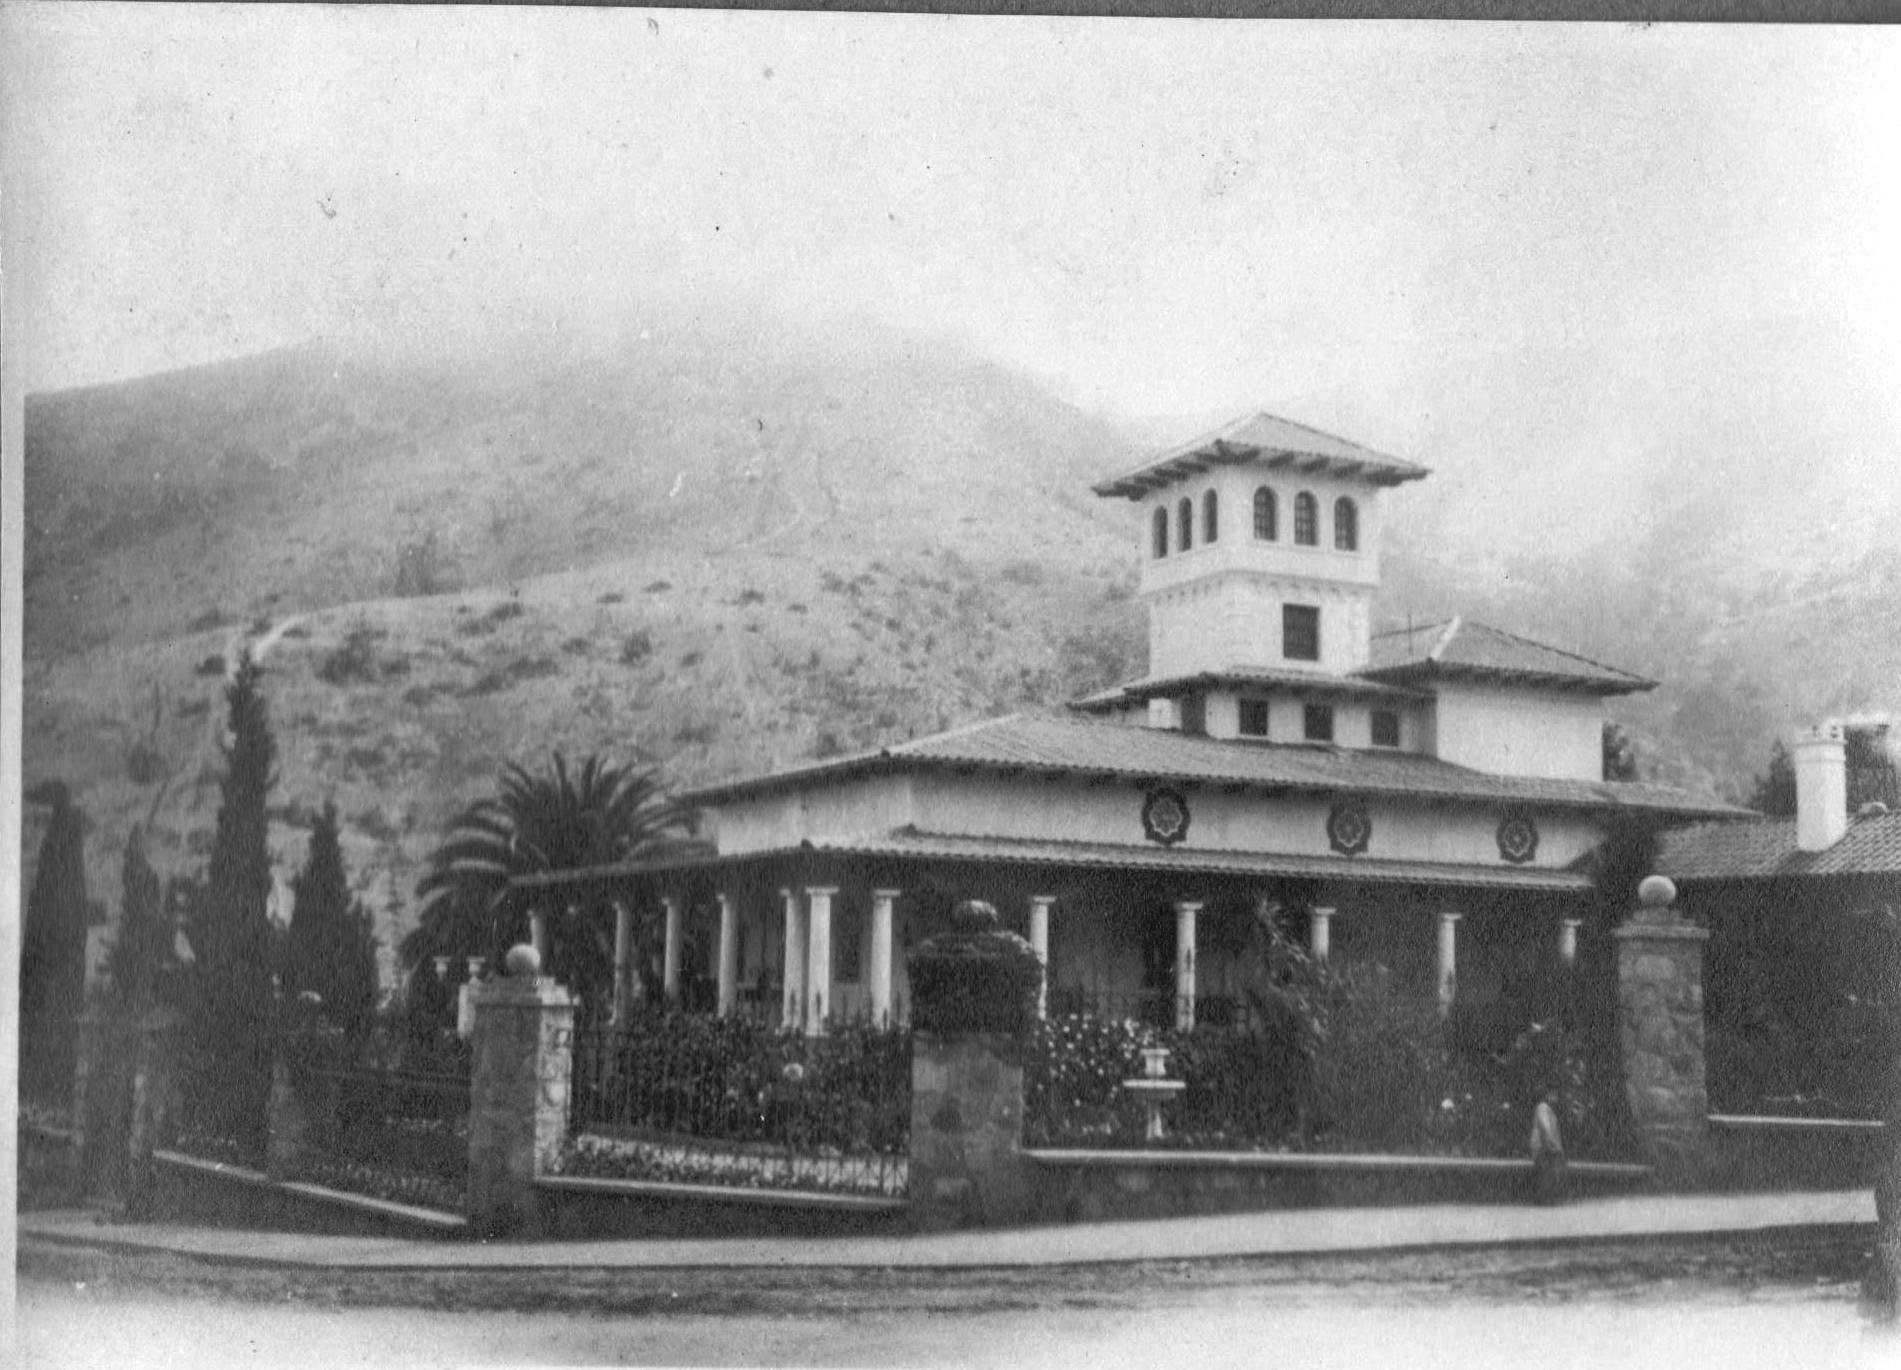 Enterreno - Fotos históricas de chile - fotos antiguas de Chile - Casona Ossandón en los años 20s